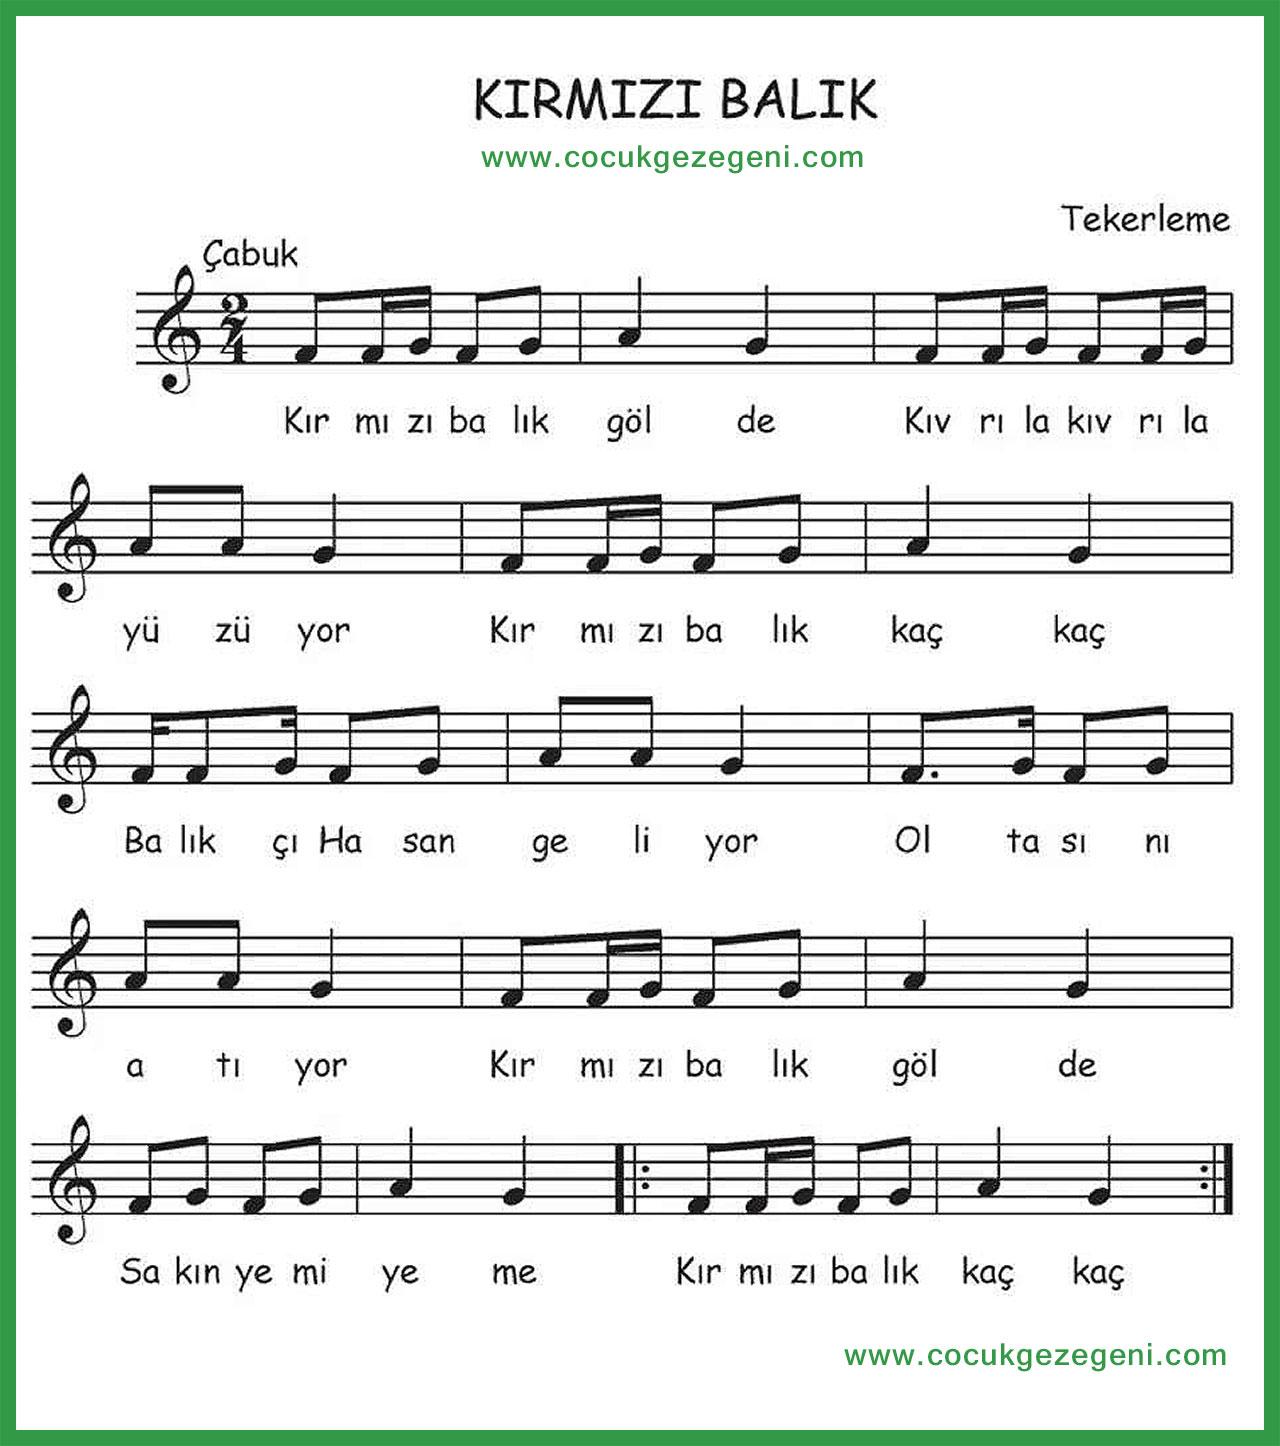 Kırmızı Balık Şarkısı Flüt ve Armonika Notaları